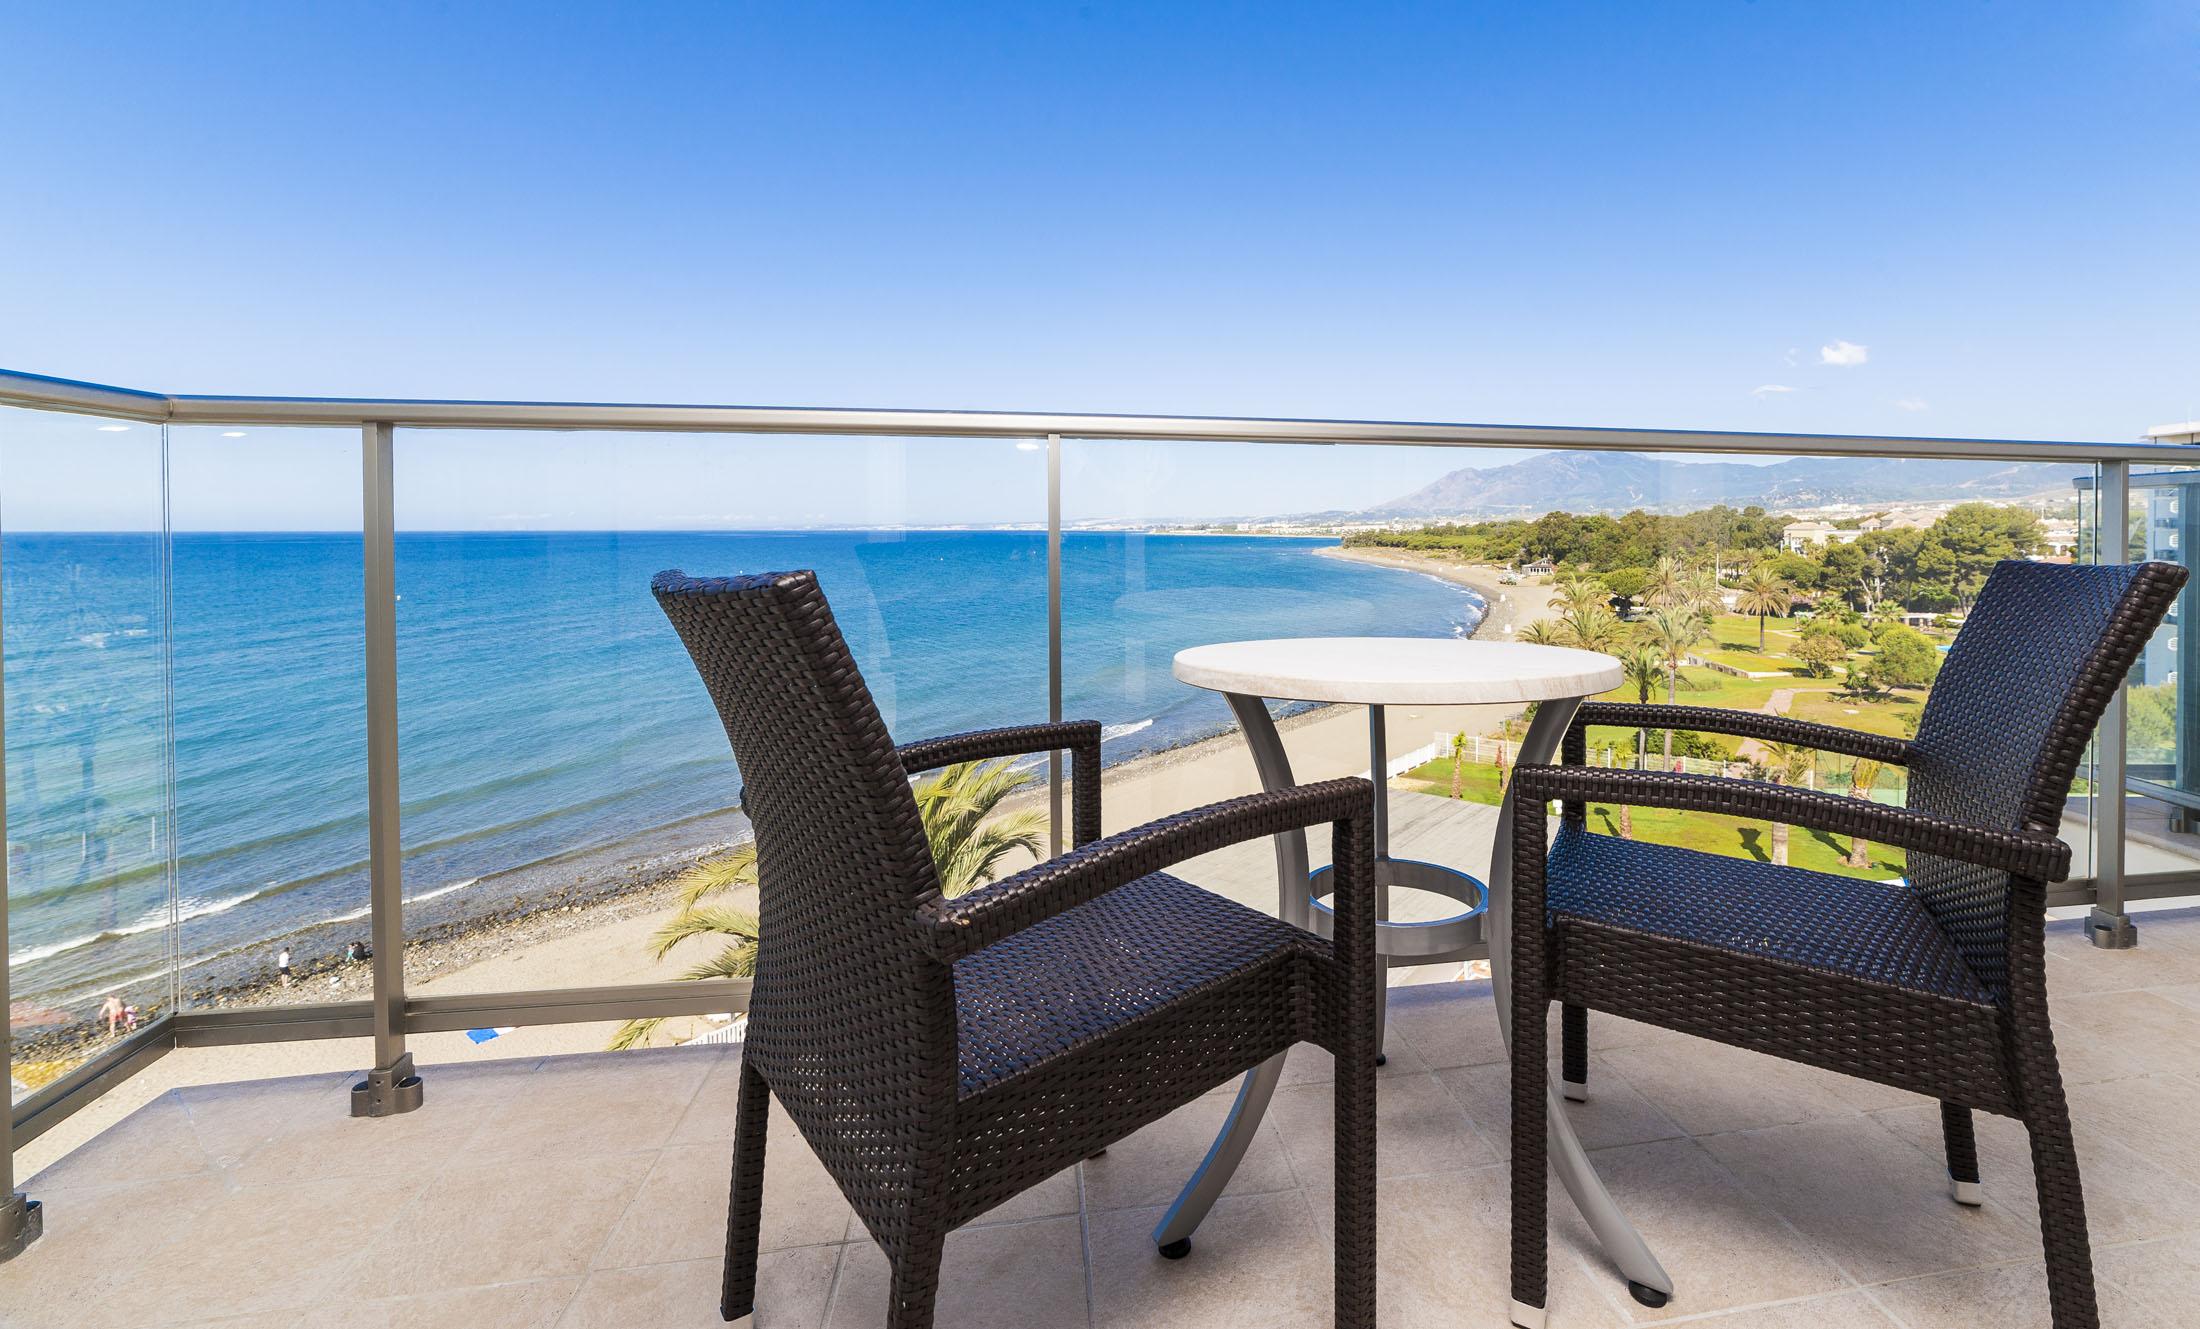 Terraza Habitación Hotel Globales Playa Estepona